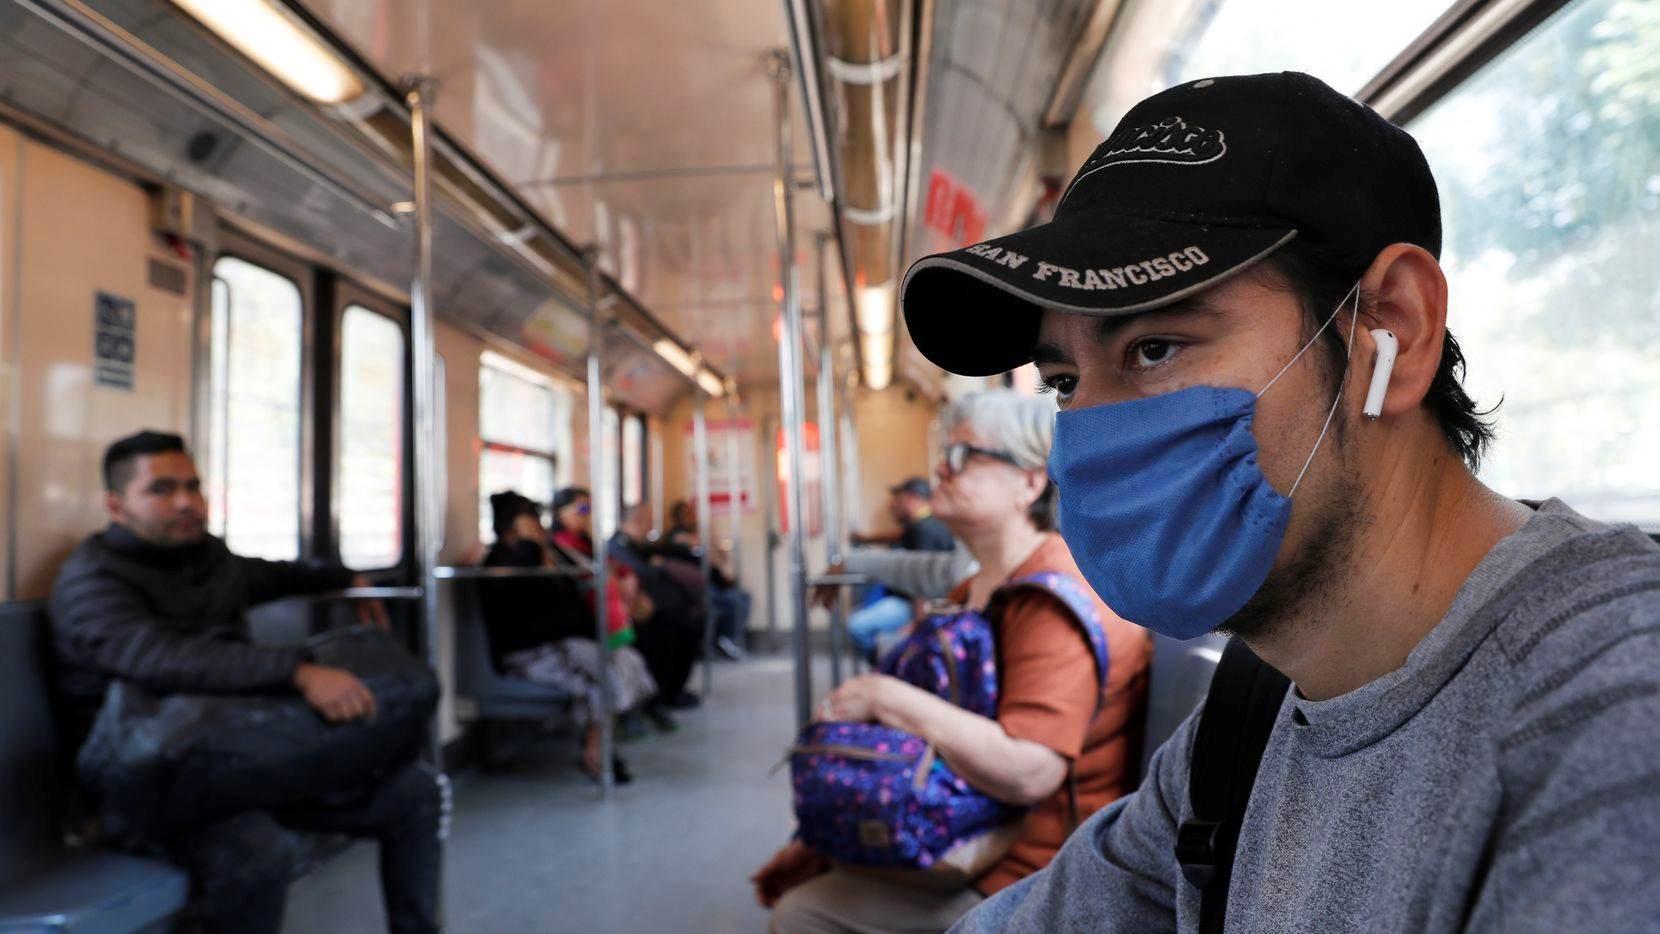 سجّلت المكسيك خلال الساعات الأربع والعشرين الماضية 639 وفاة جديدة بالفيروس